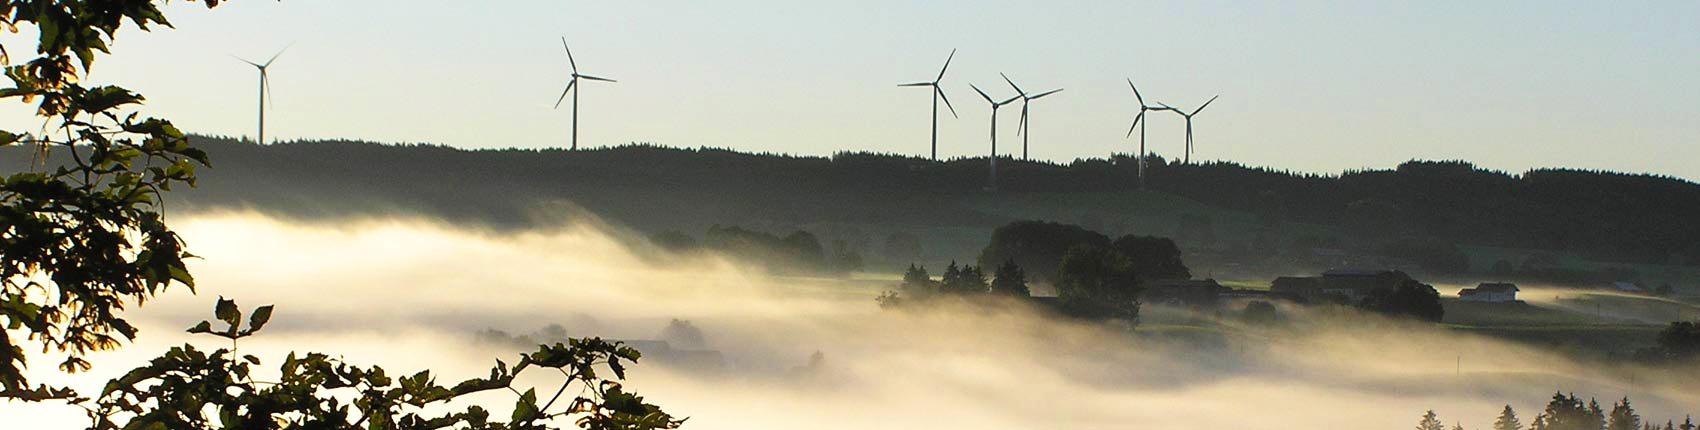 Windpark wildpoldsried_1700_340px